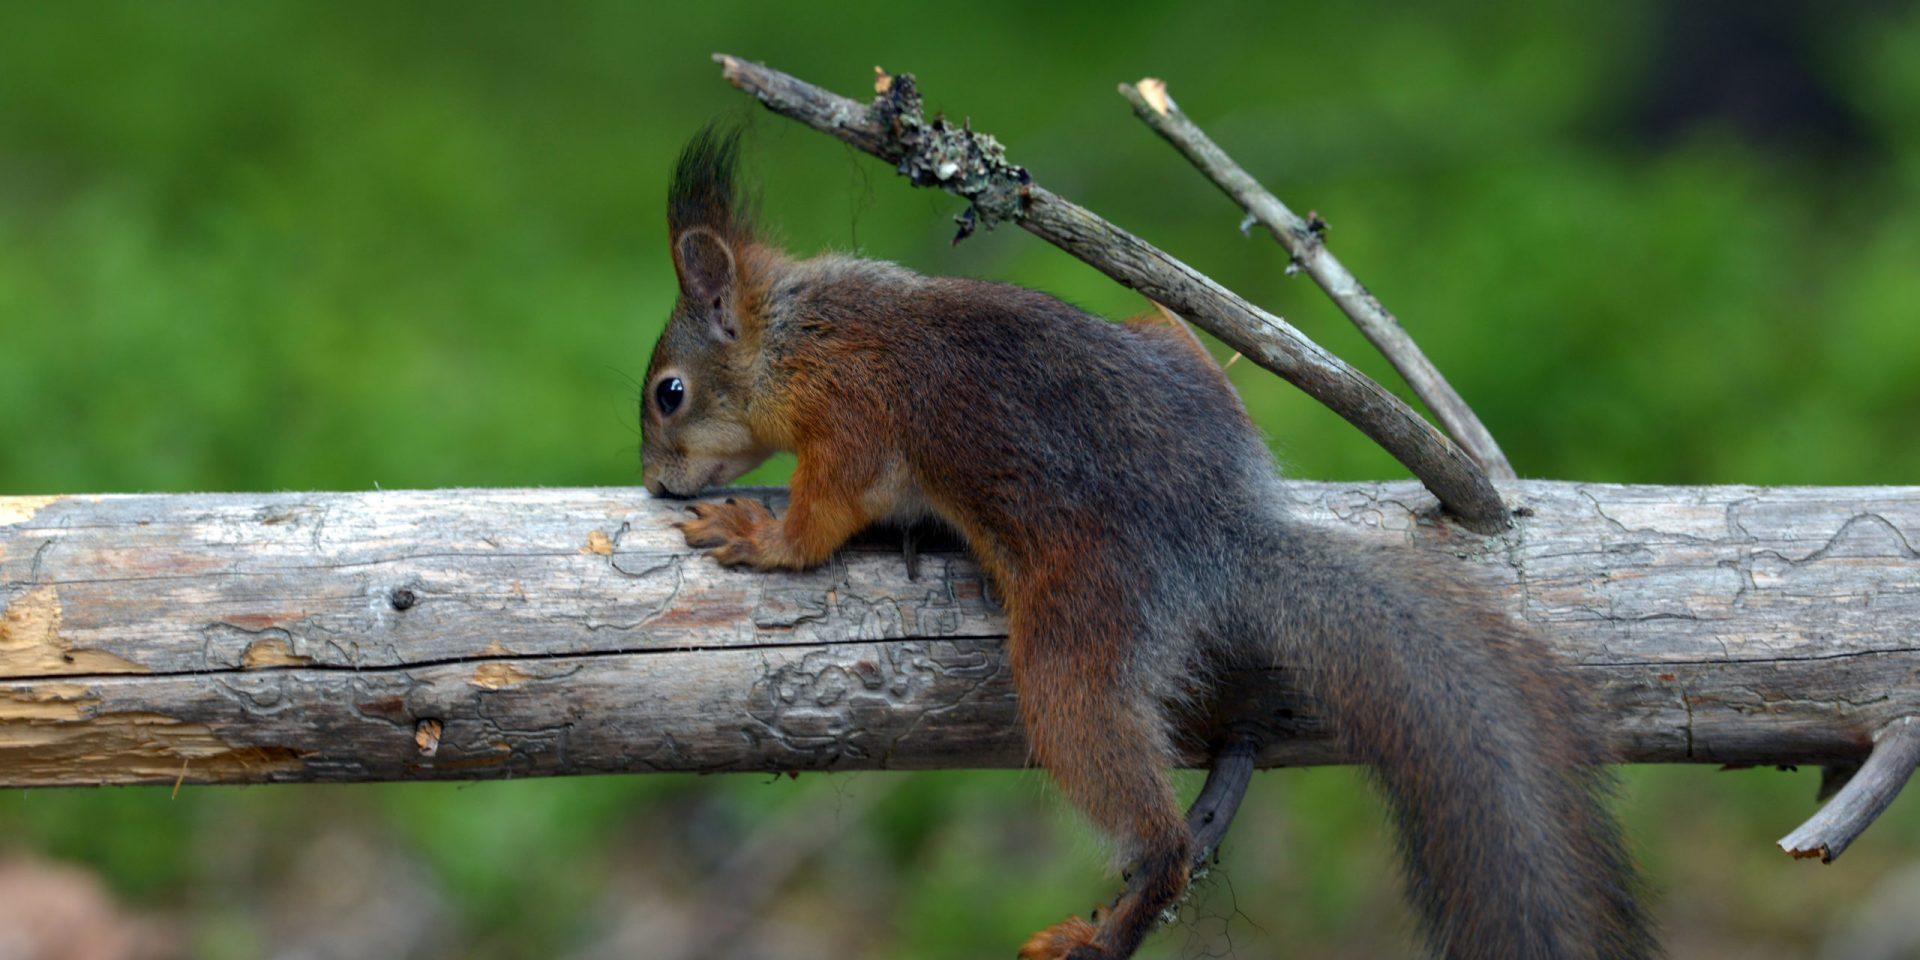 Eichhörnchen beobachten und melden!